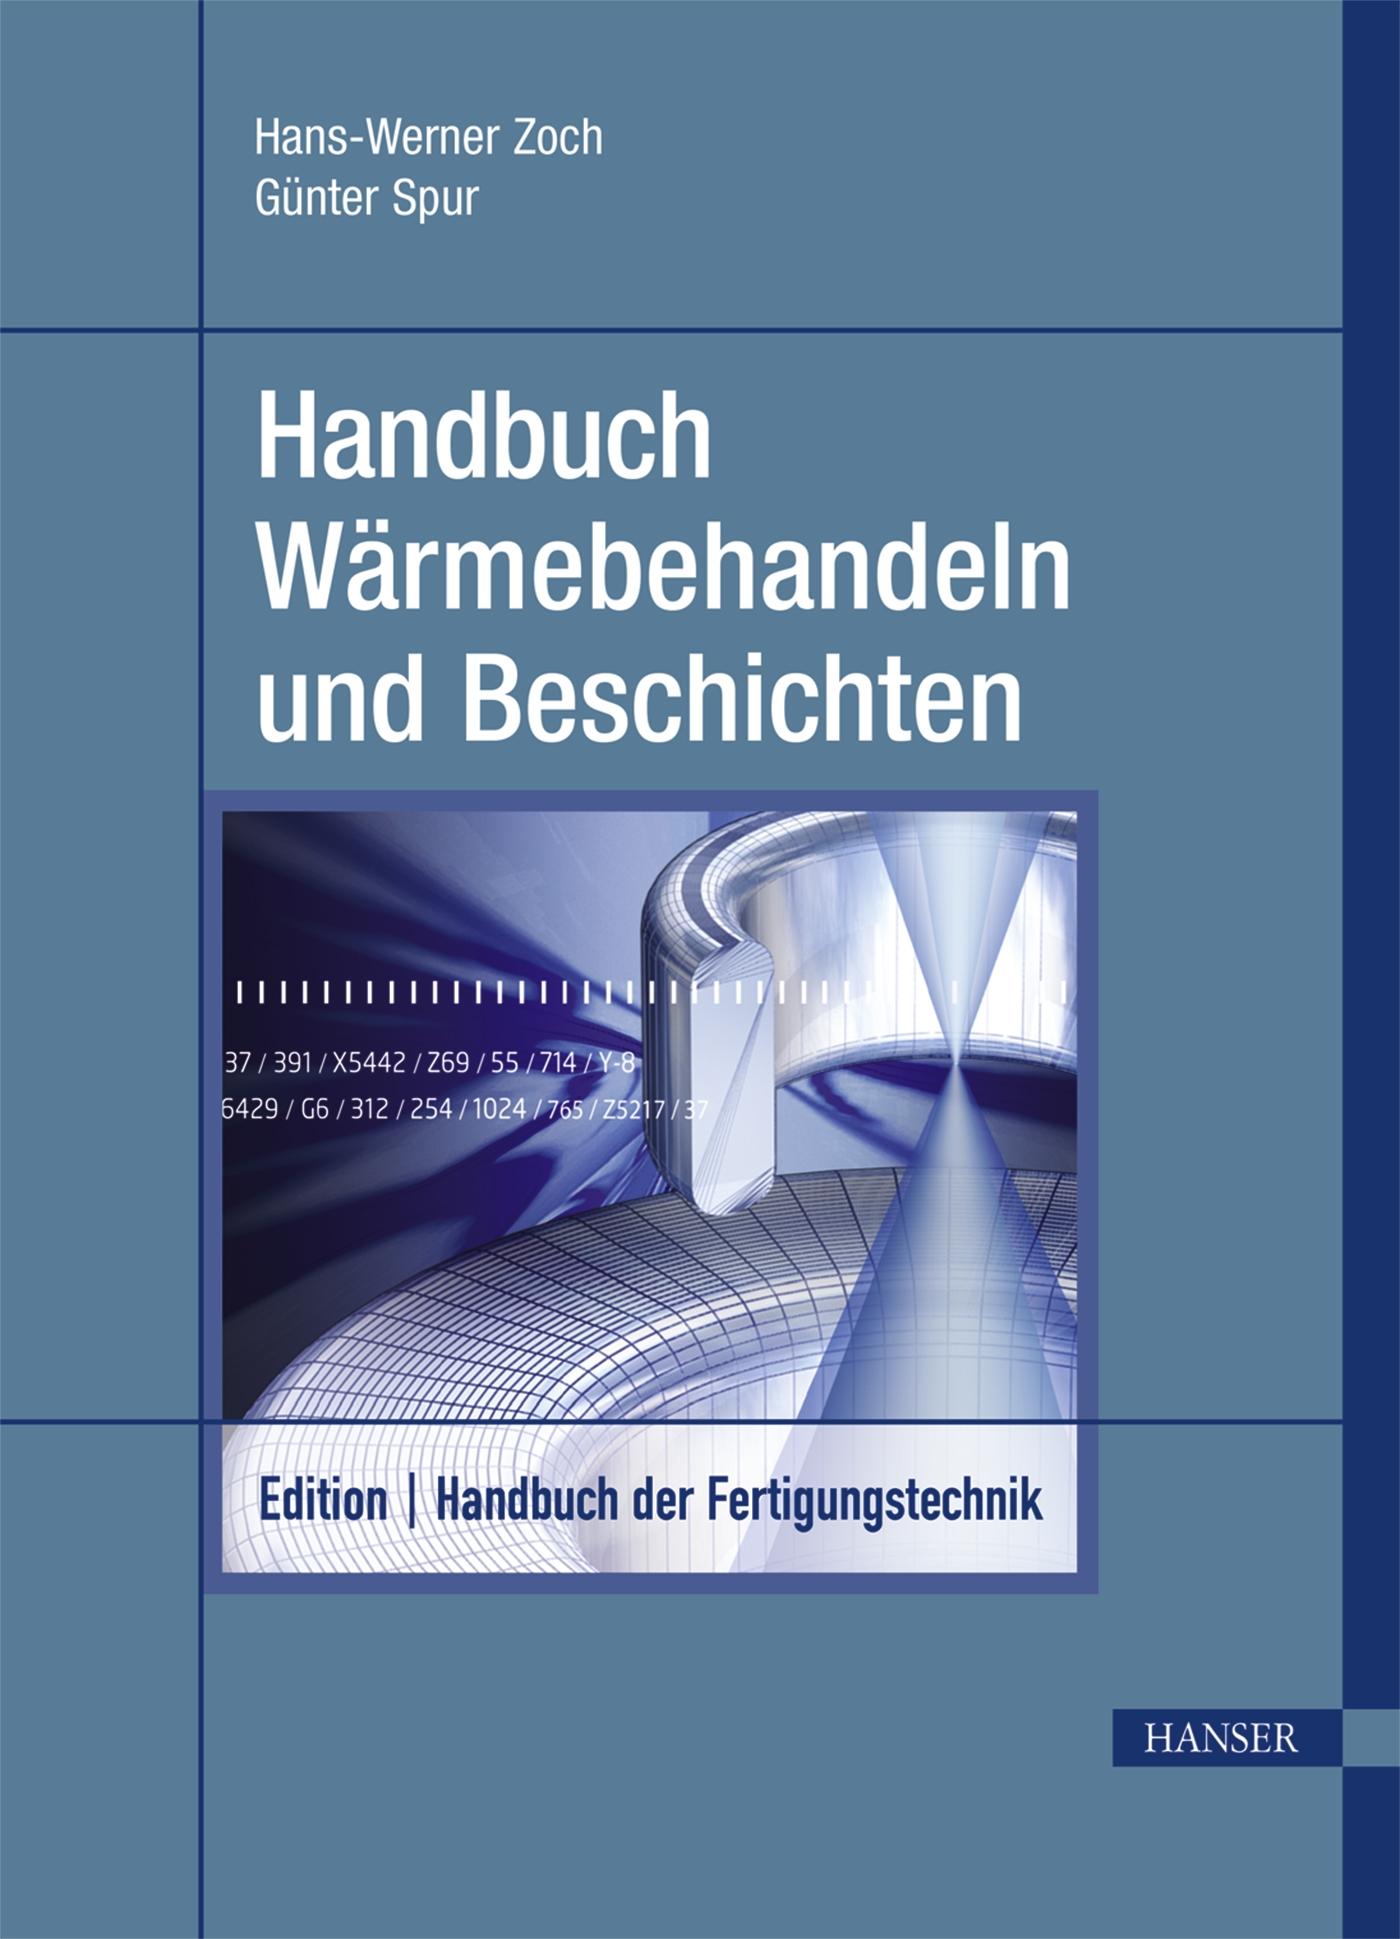 Edition Handbuch der Fertigungstechnik Handbuch Wärmebehandeln und Beschich ...